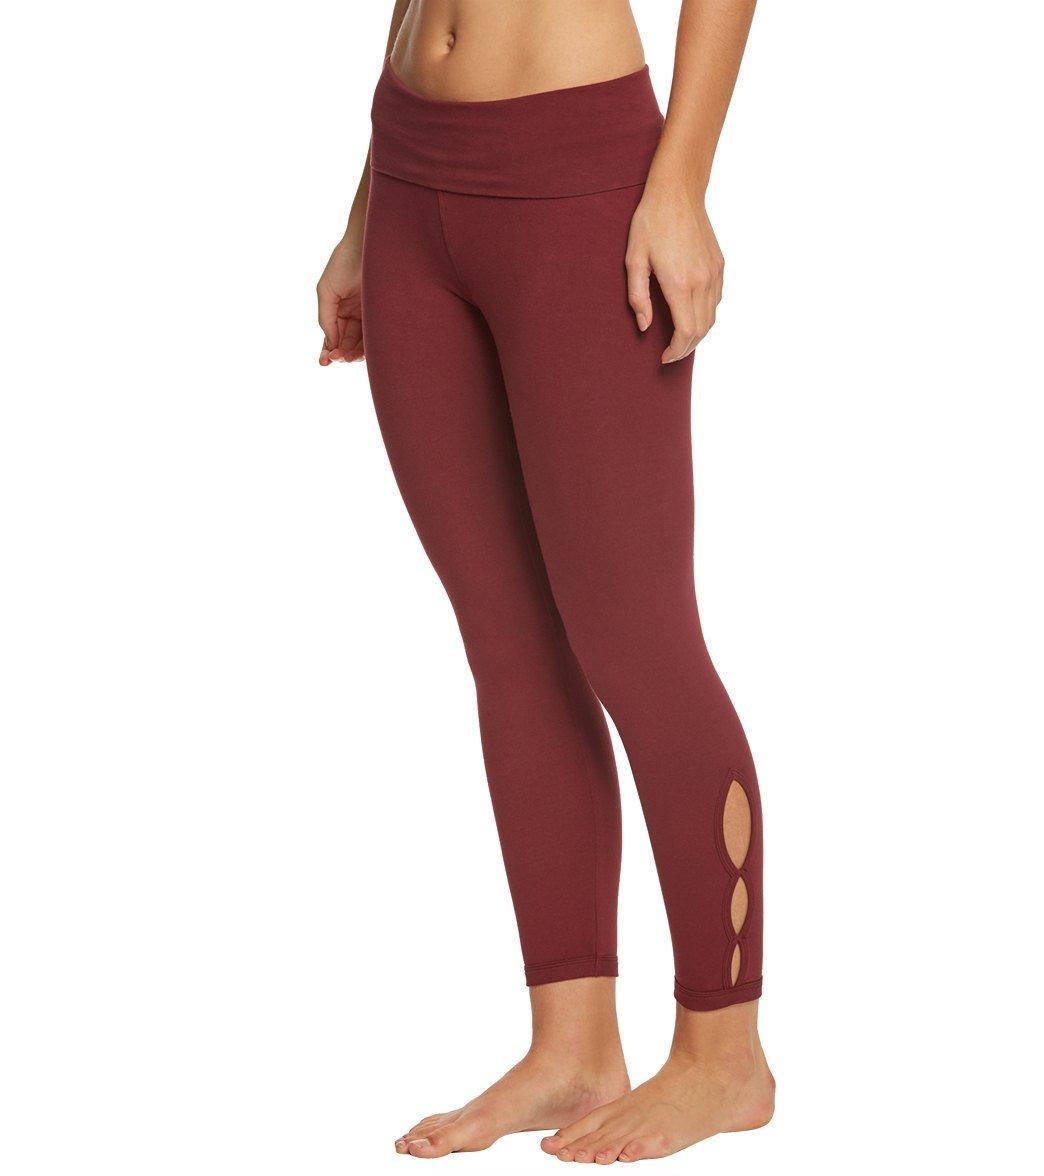 Plus Size Yoga Clothing Canada